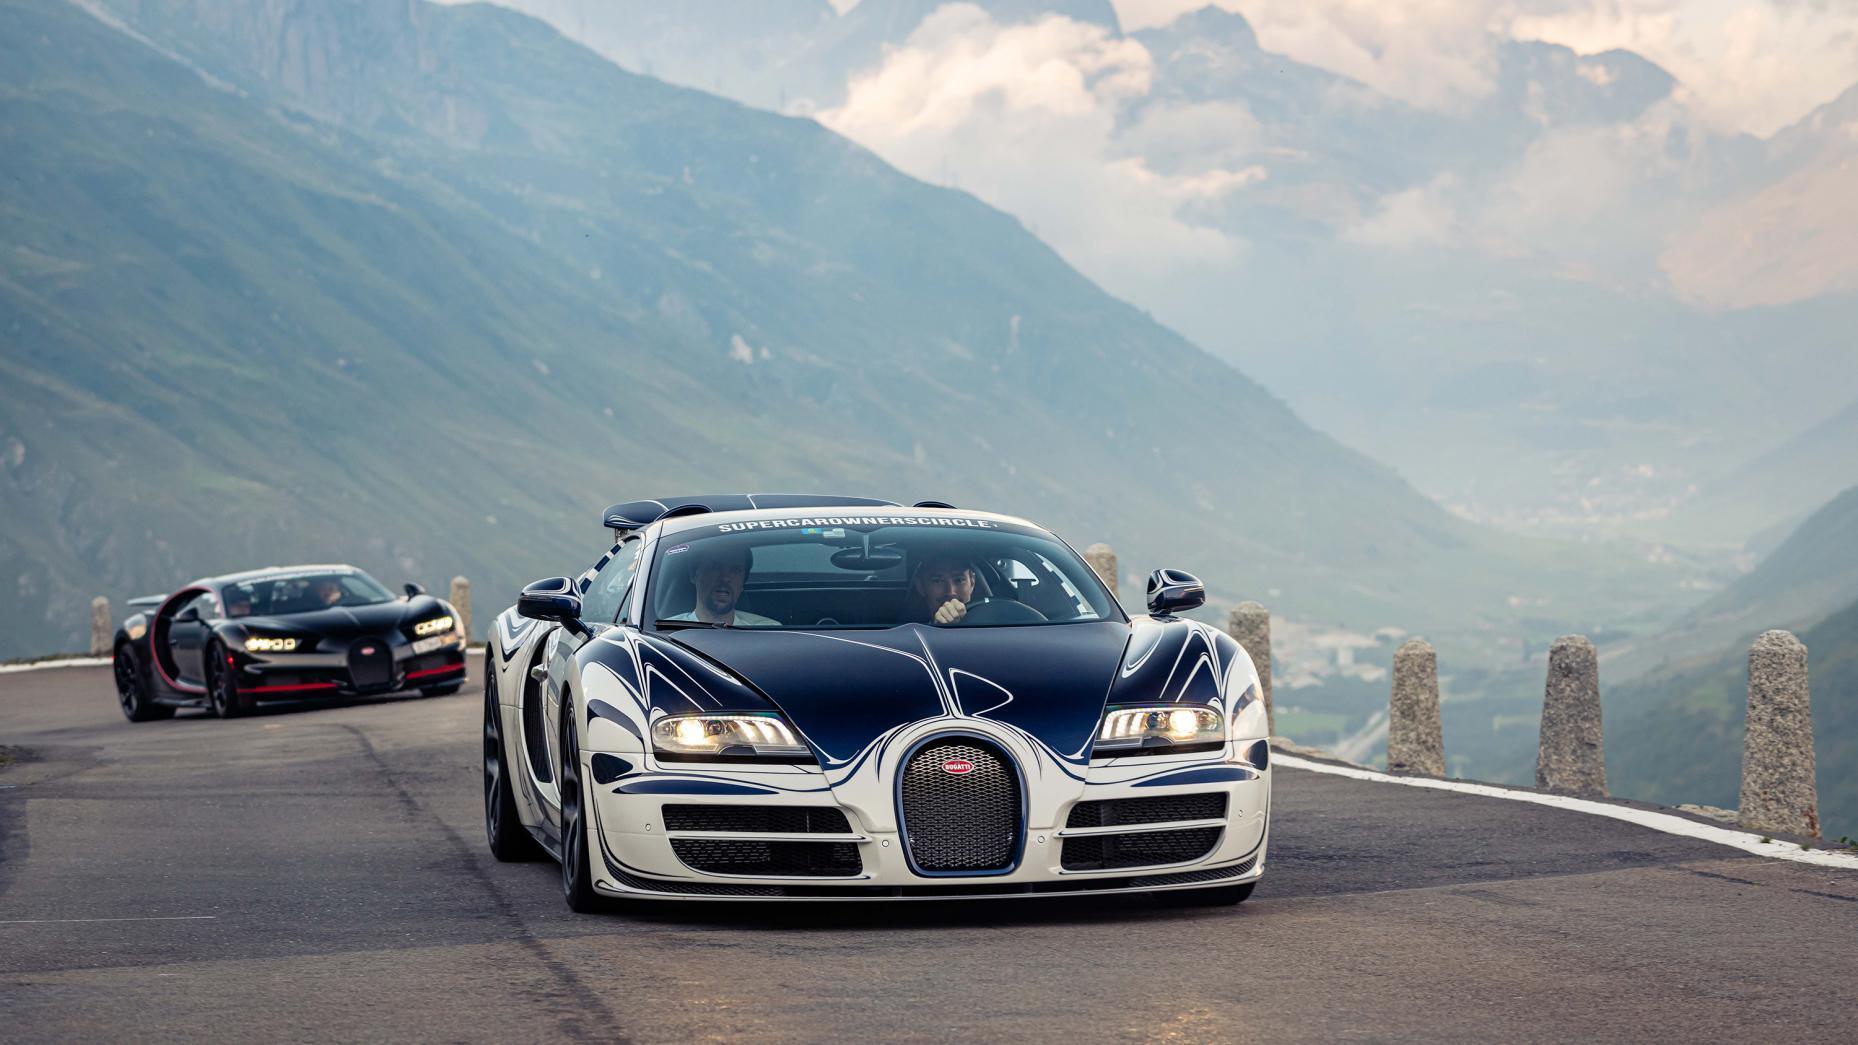 Bugatti Grand Sport L-or Blanc